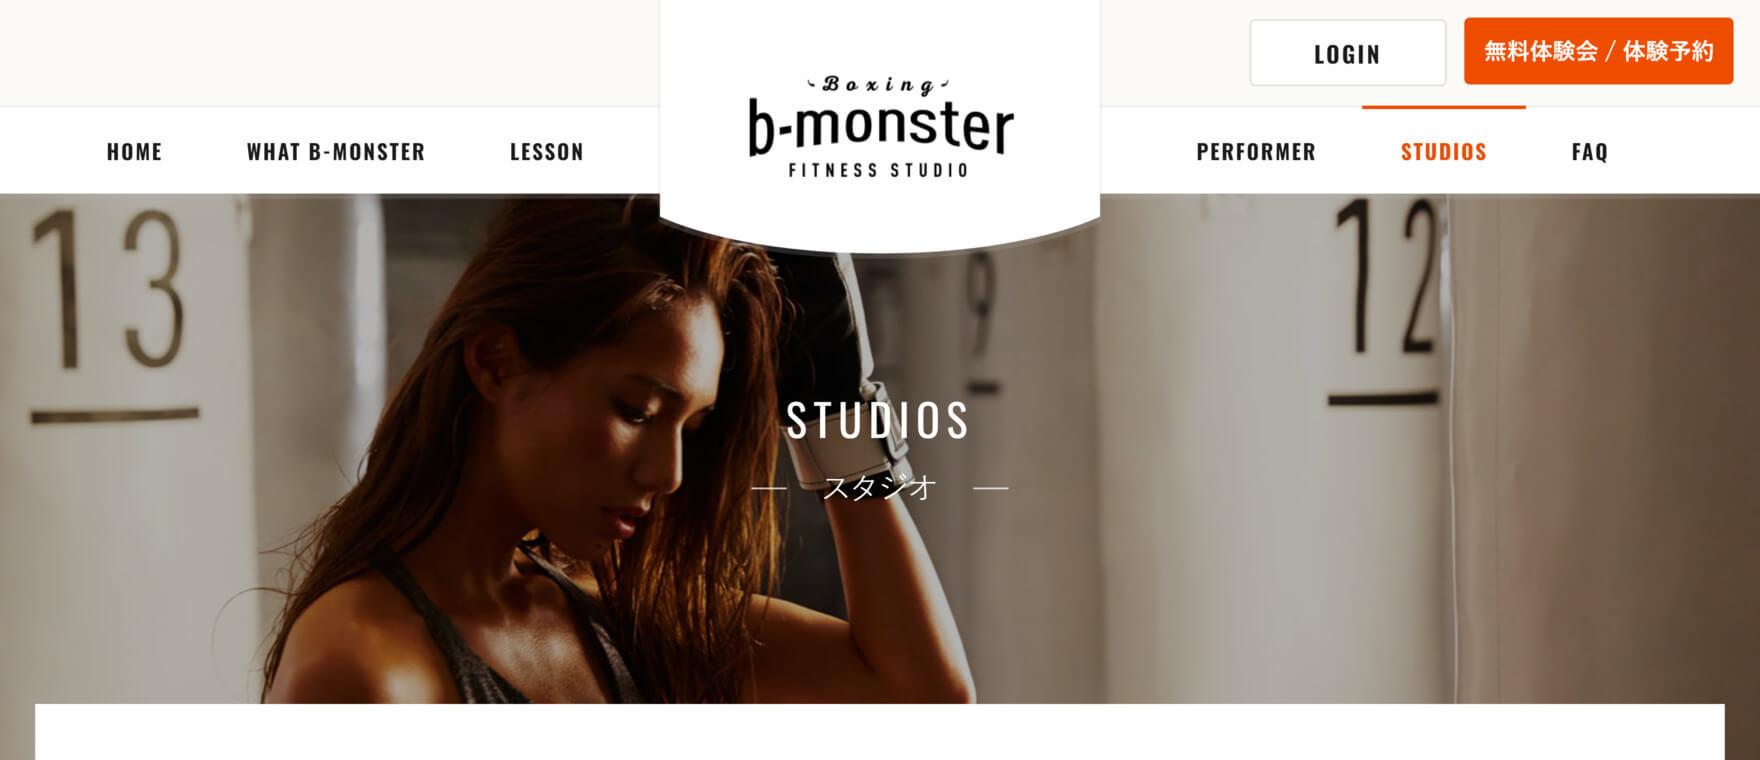 B-MONSTERSHINJUKUのイメージ画像